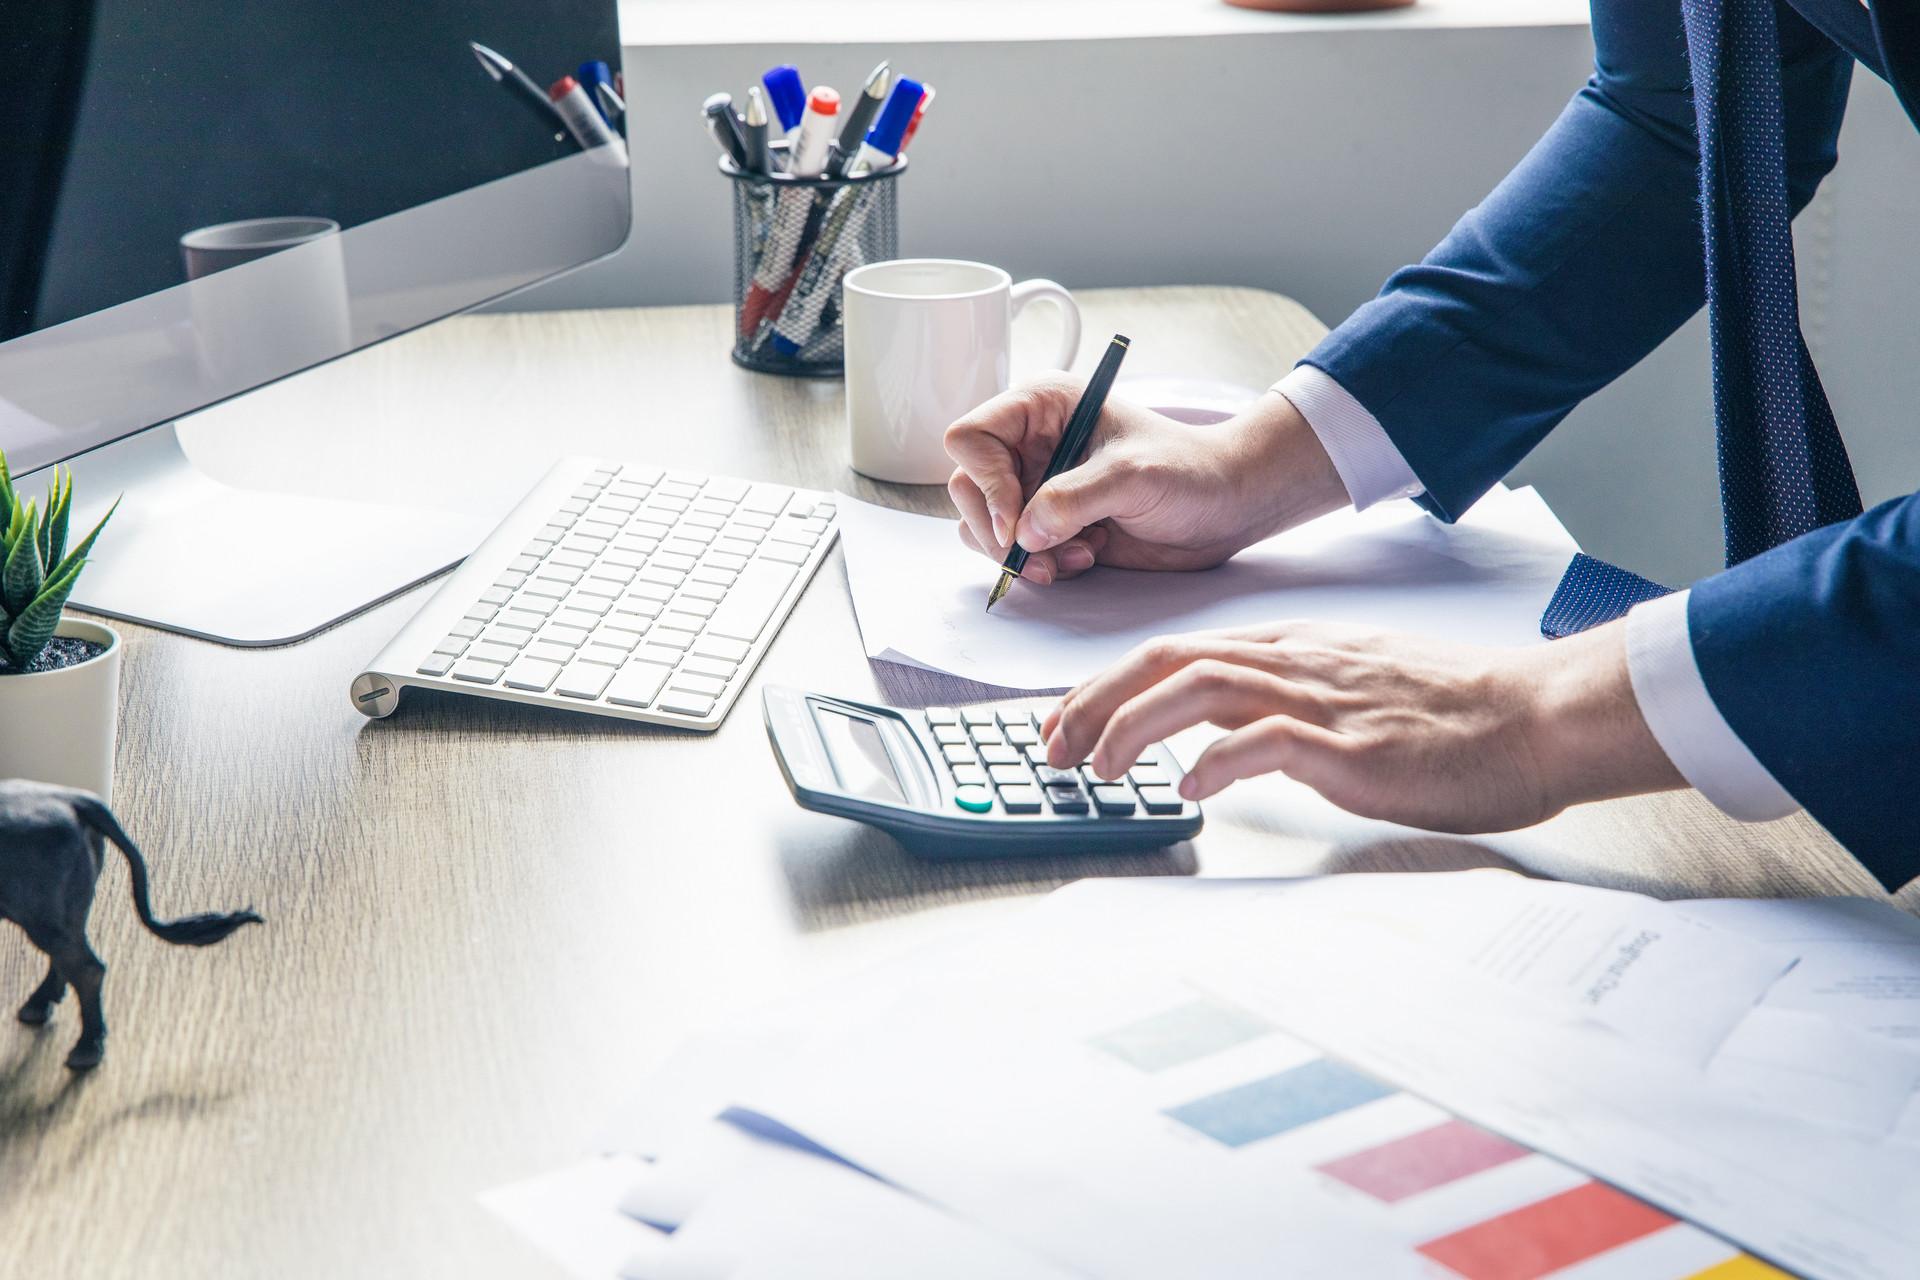 薪酬专员的入门课:怎样快速制作工资条?